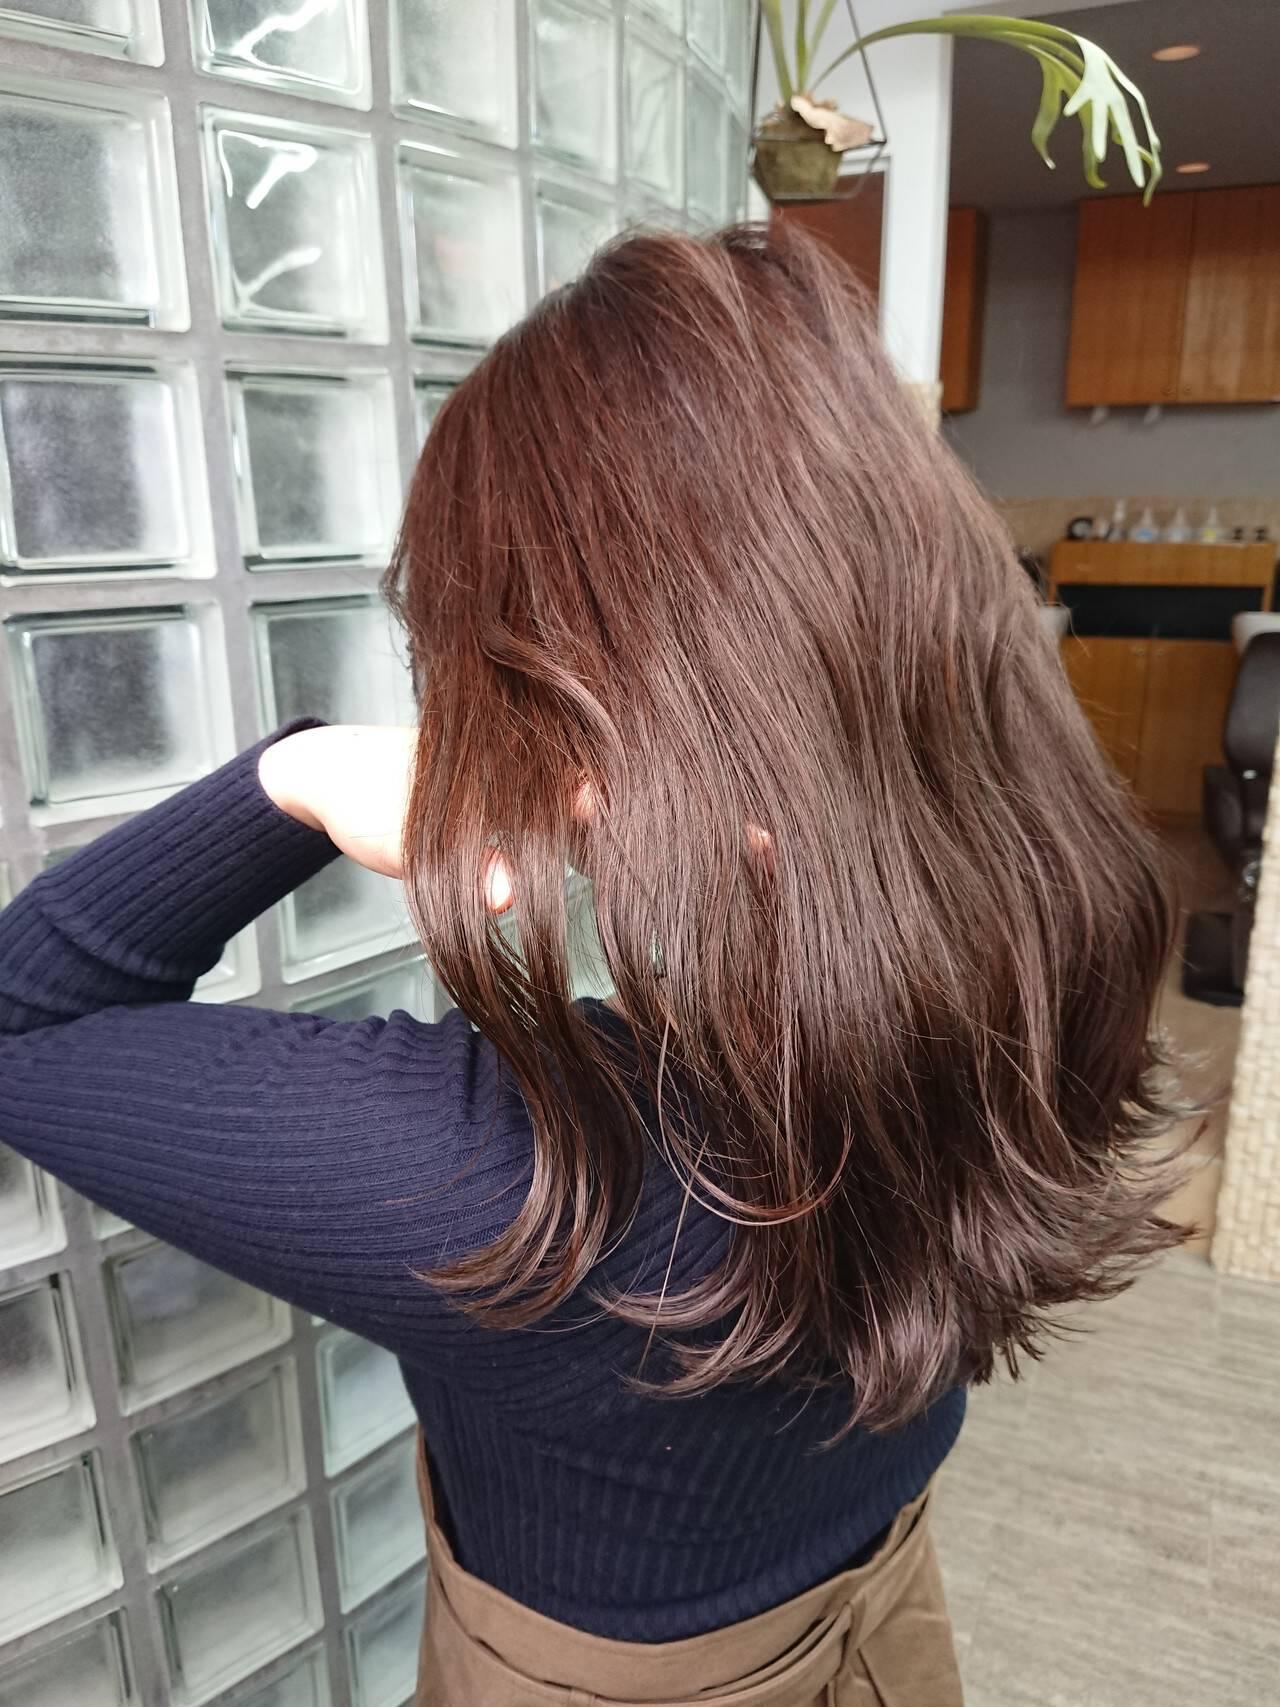 TOKIOトリートメント エレガント ミディアム イルミナカラーヘアスタイルや髪型の写真・画像